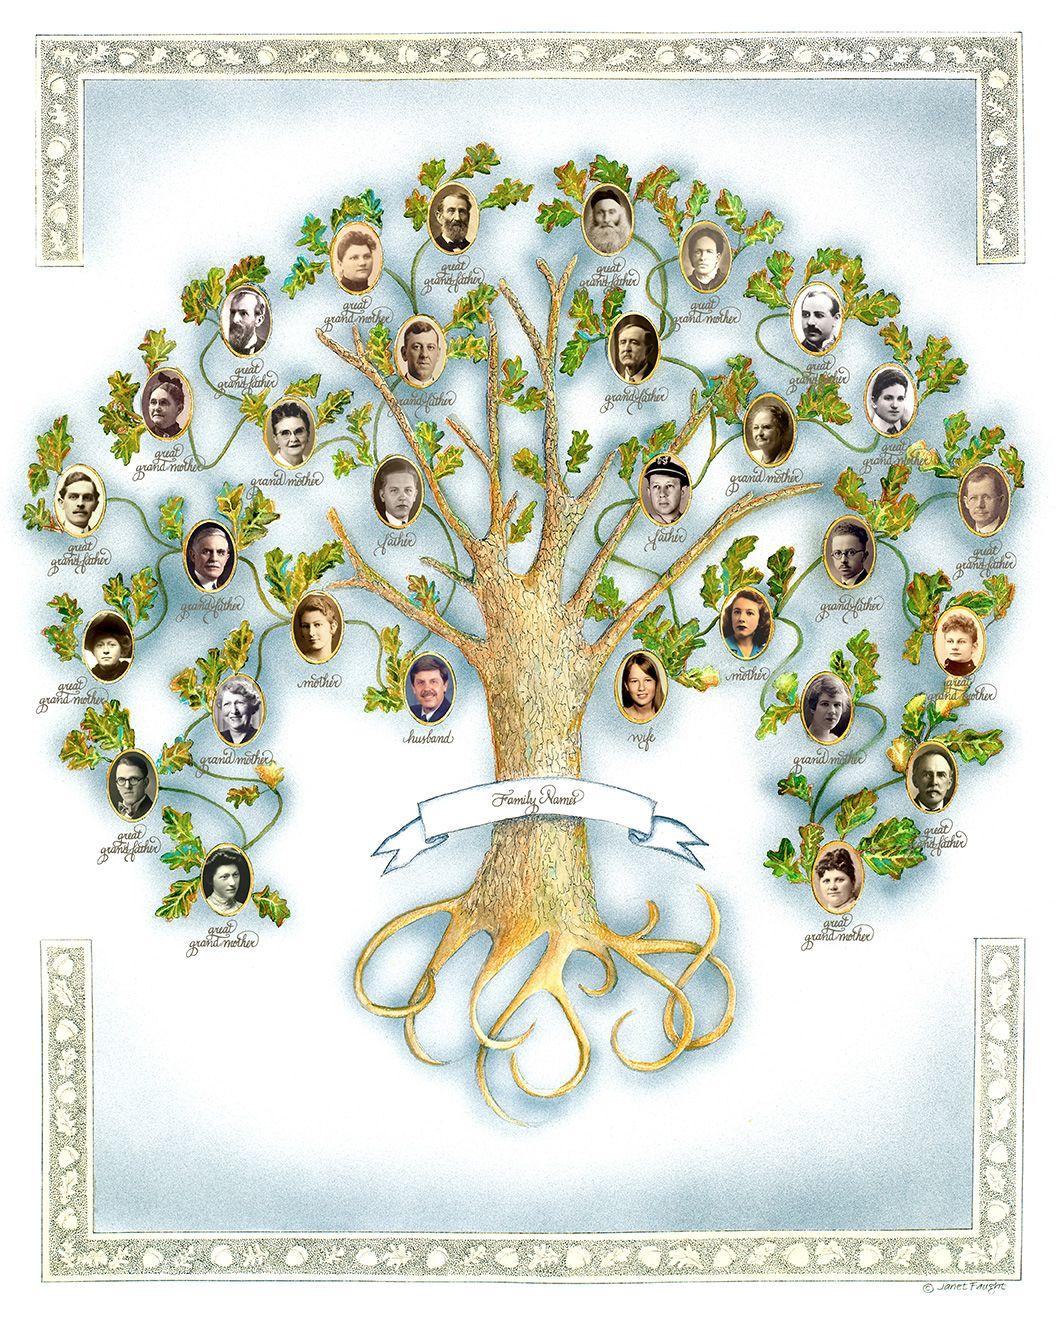 картинка семьи в виде дерева картинки идут поздравляем вас